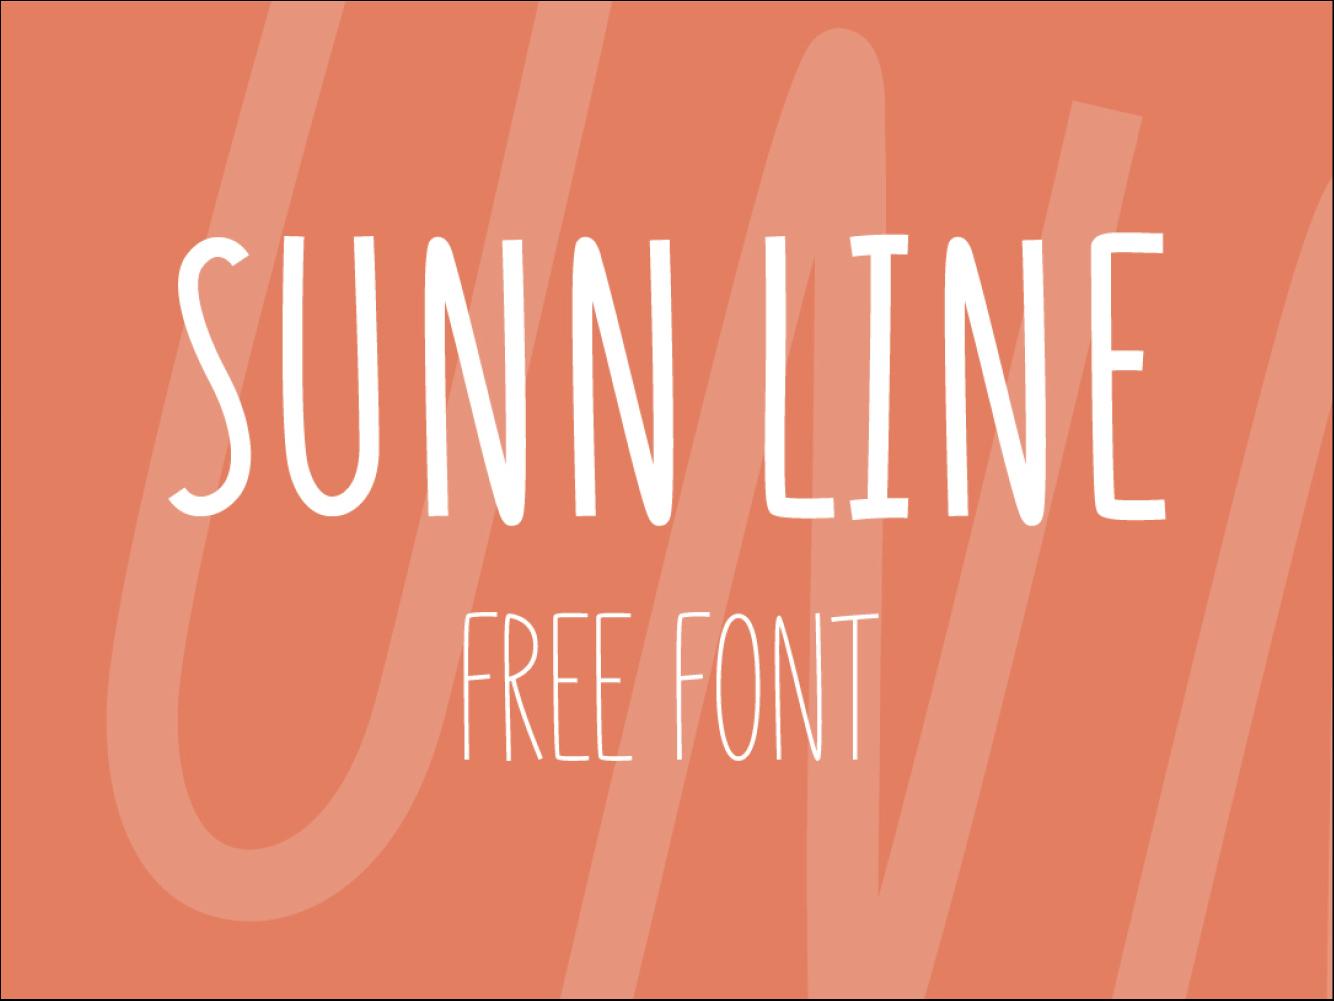 Sunn Line